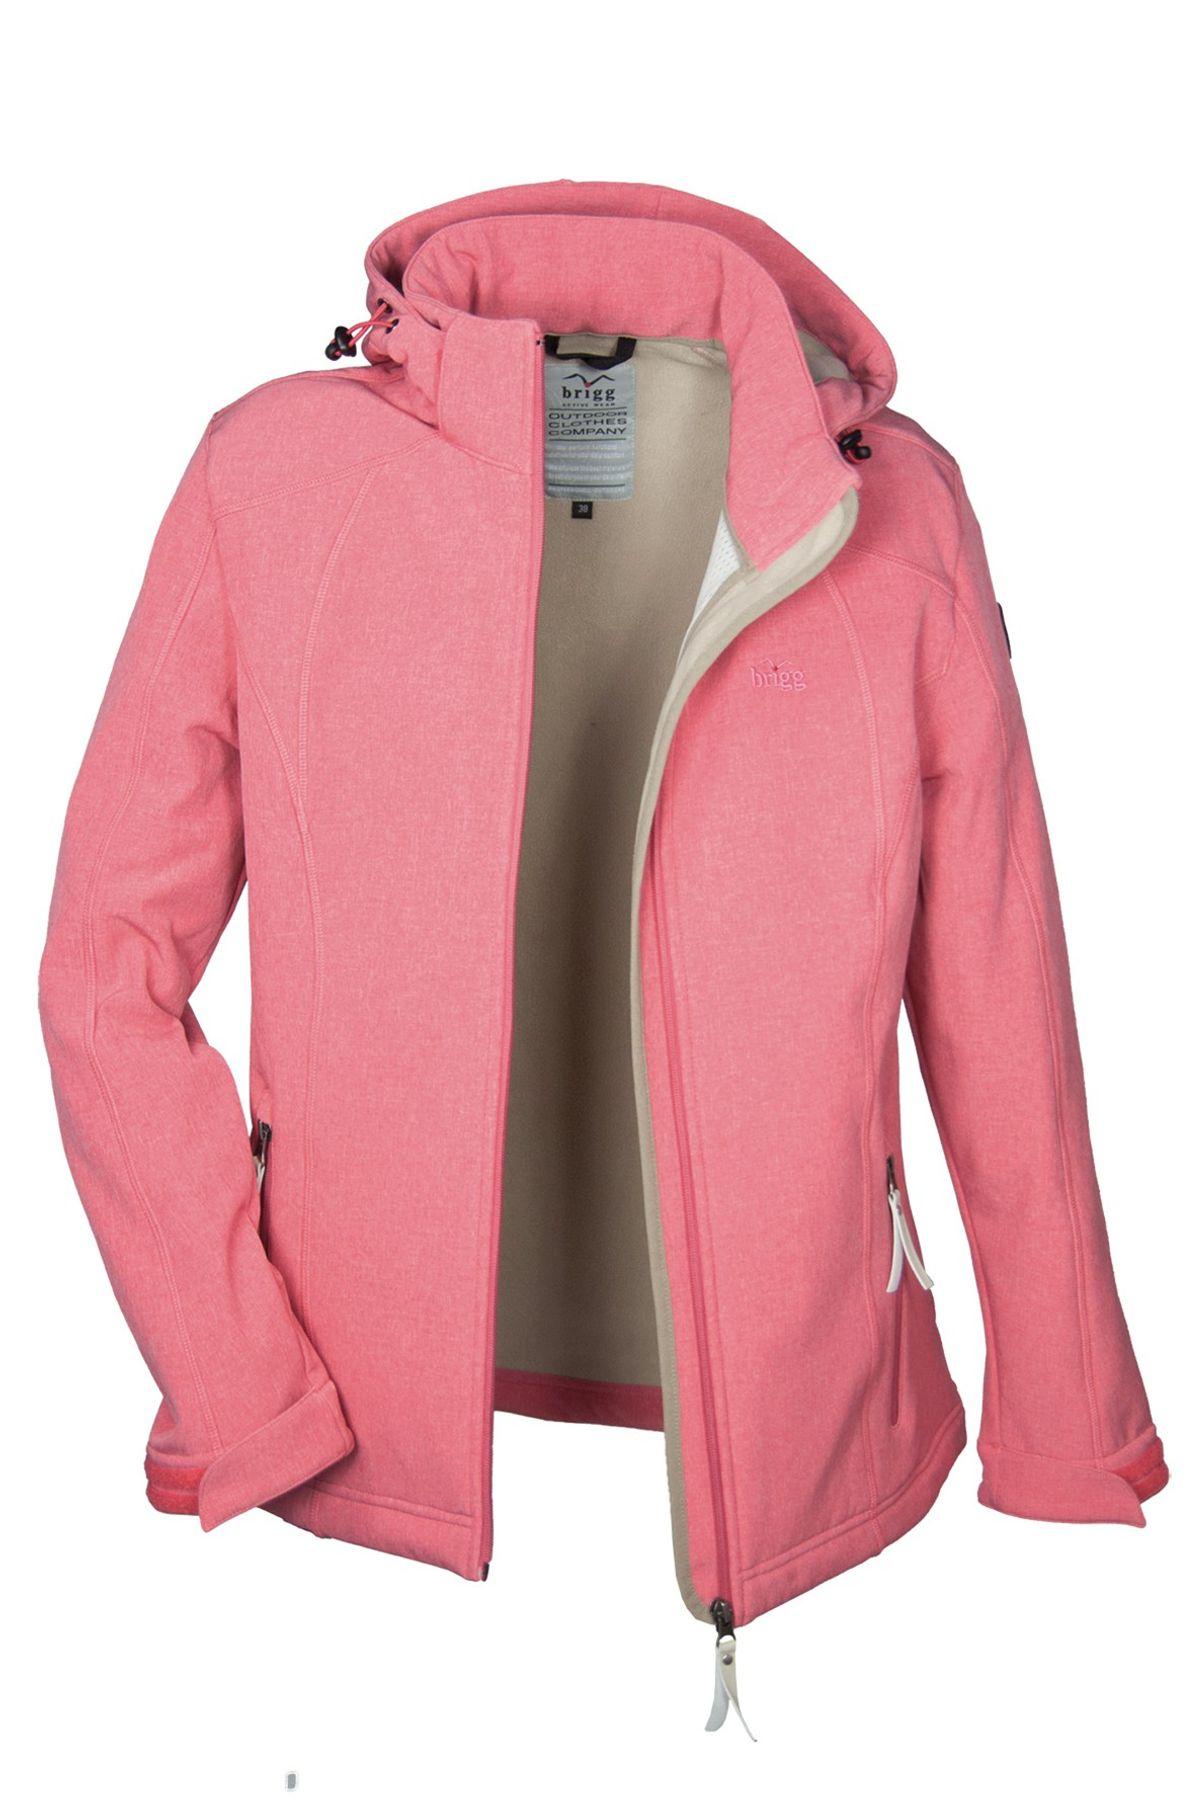 Brigg - Damen Softshell Jacke in verschiedenen Farben, F/S (10 778 454) – Bild 2